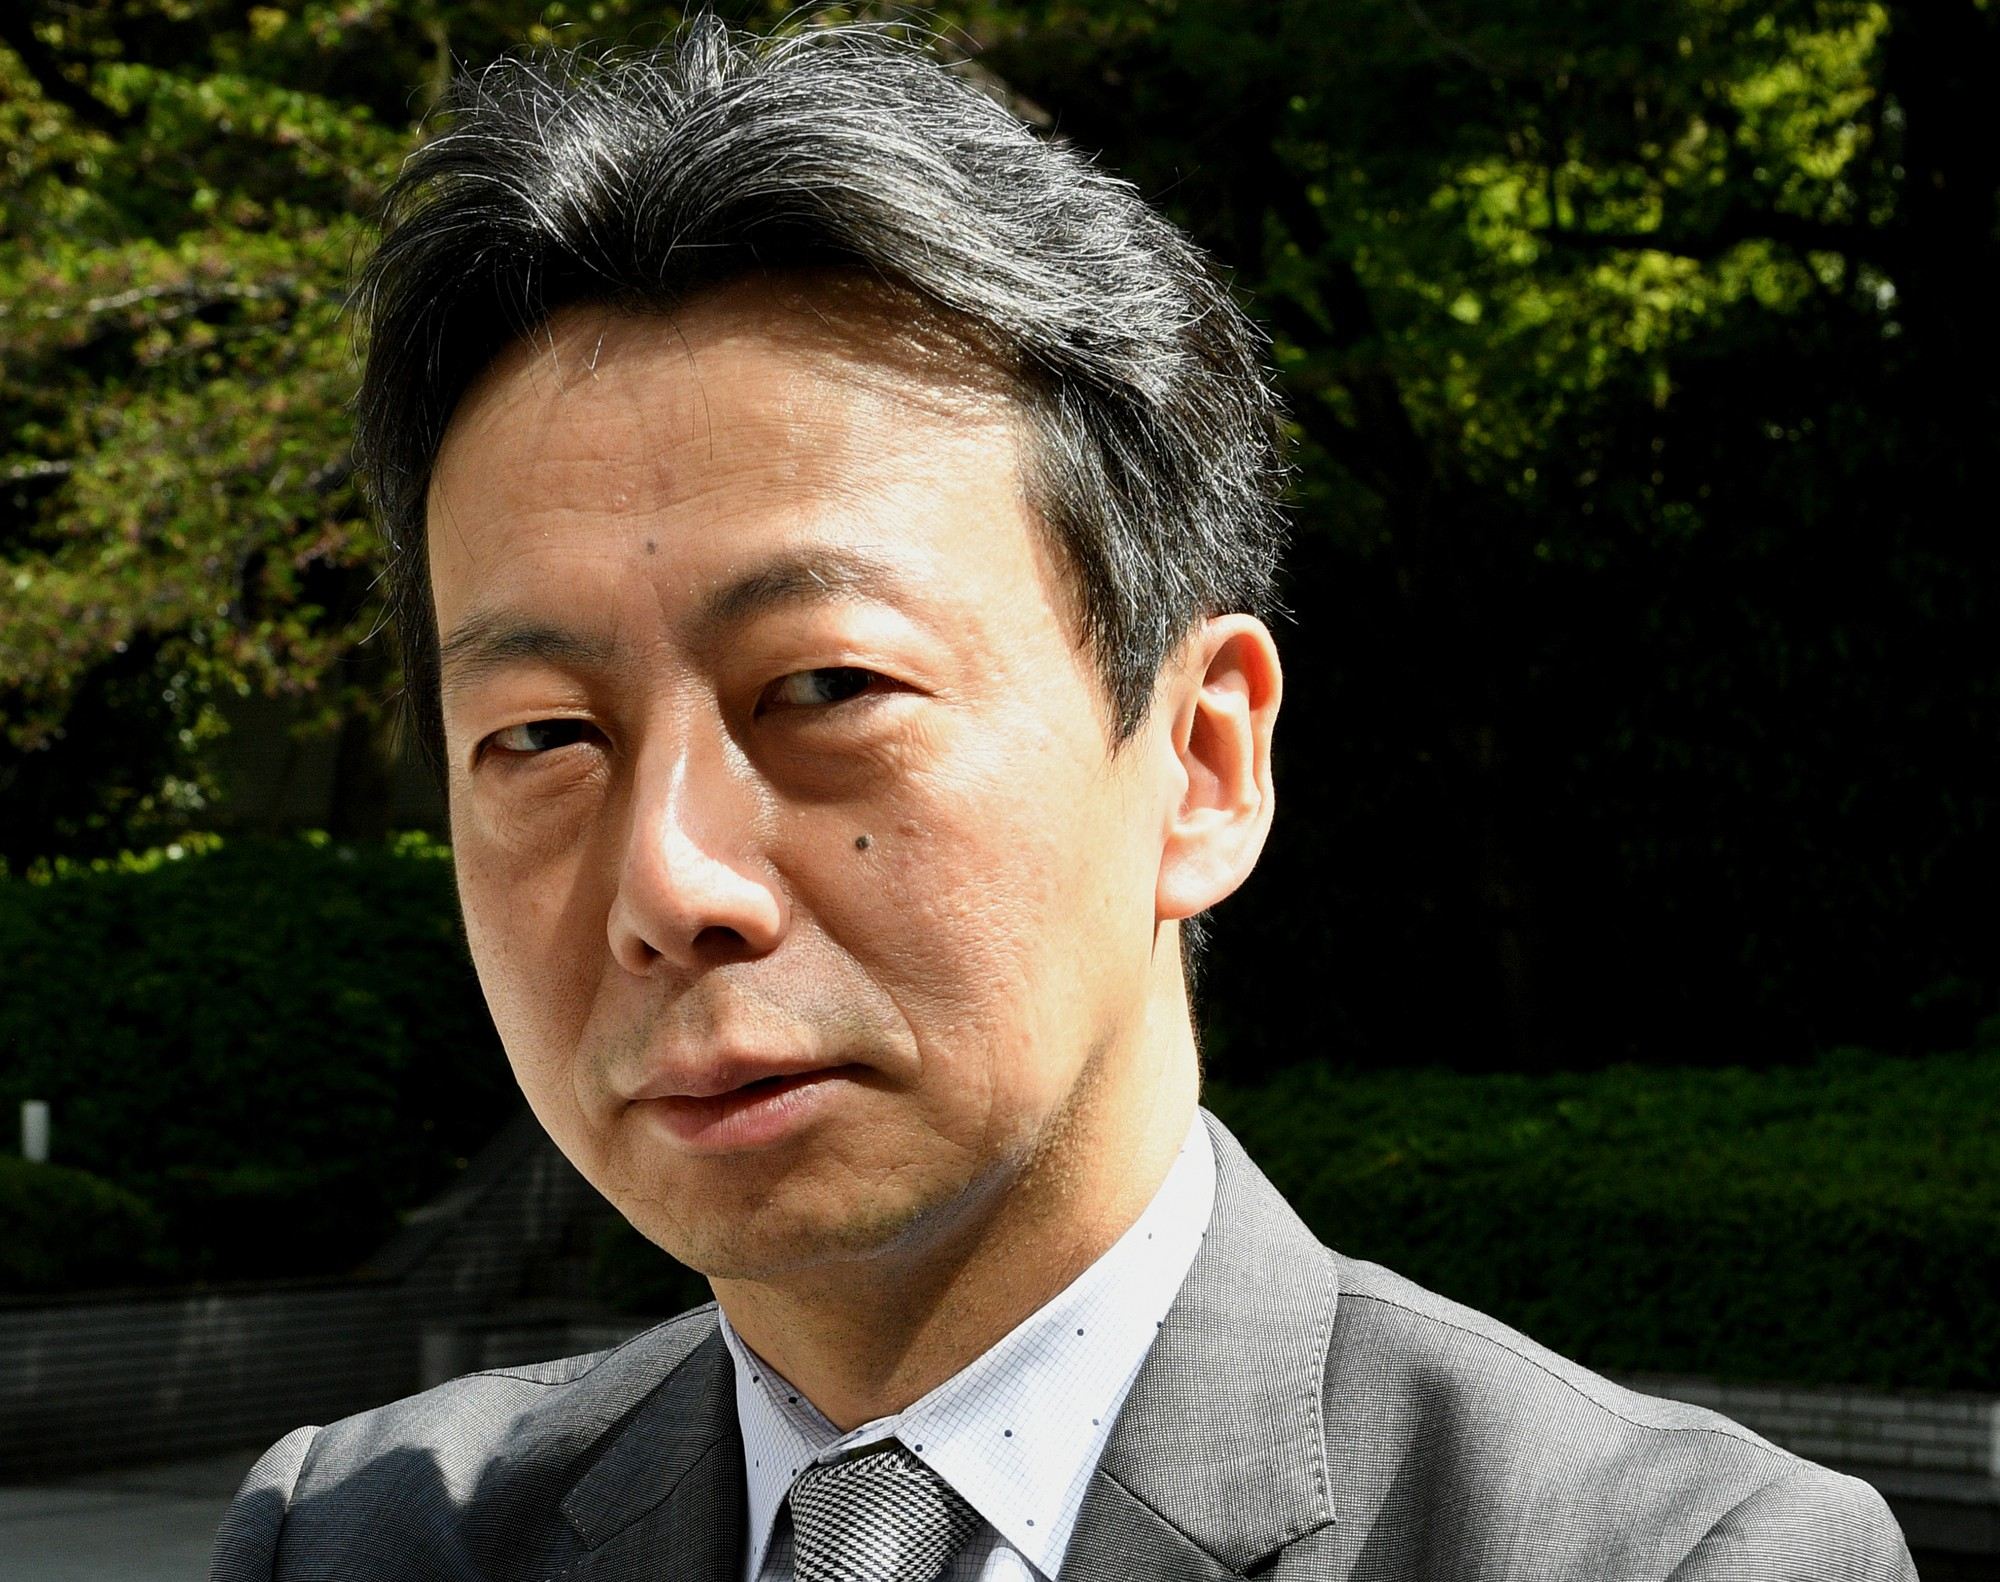 Nhà tù bên trong: hikikomori của Nhật Bản thiếu các mối quan hệ, không phải không gian vật lý - Ảnh 1.